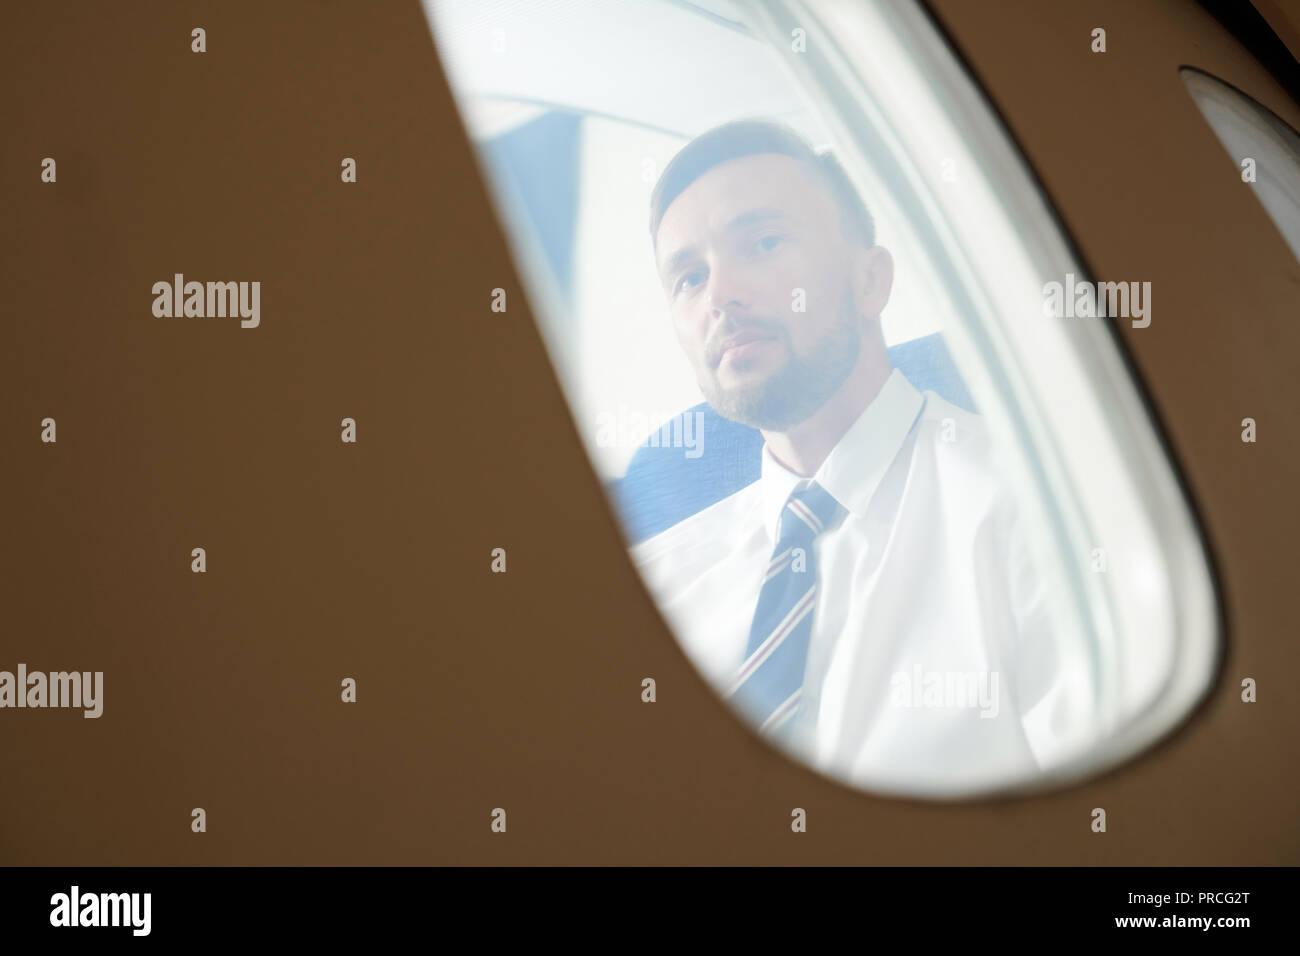 Passenger in Plane - Stock Image